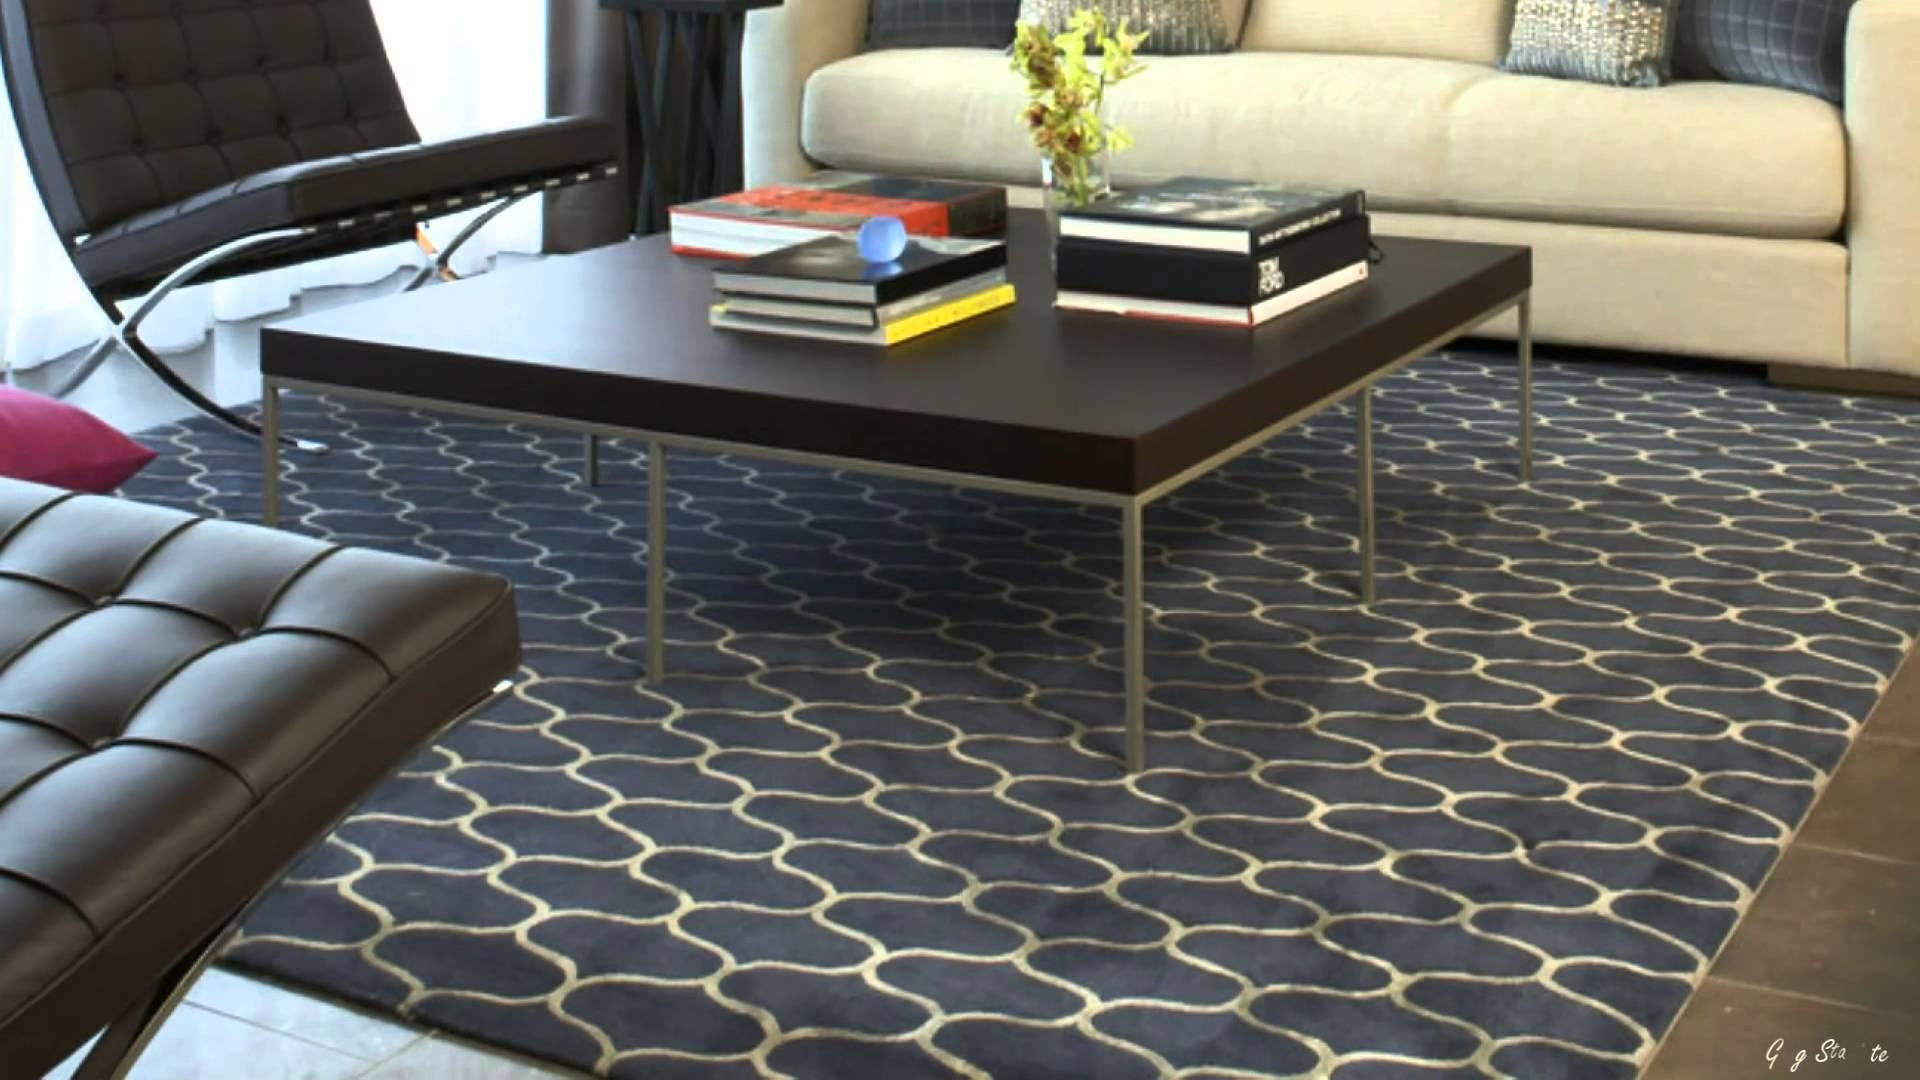 carpet designs for living room patterned carpet - living room design ideas - youtube NXJWGLD